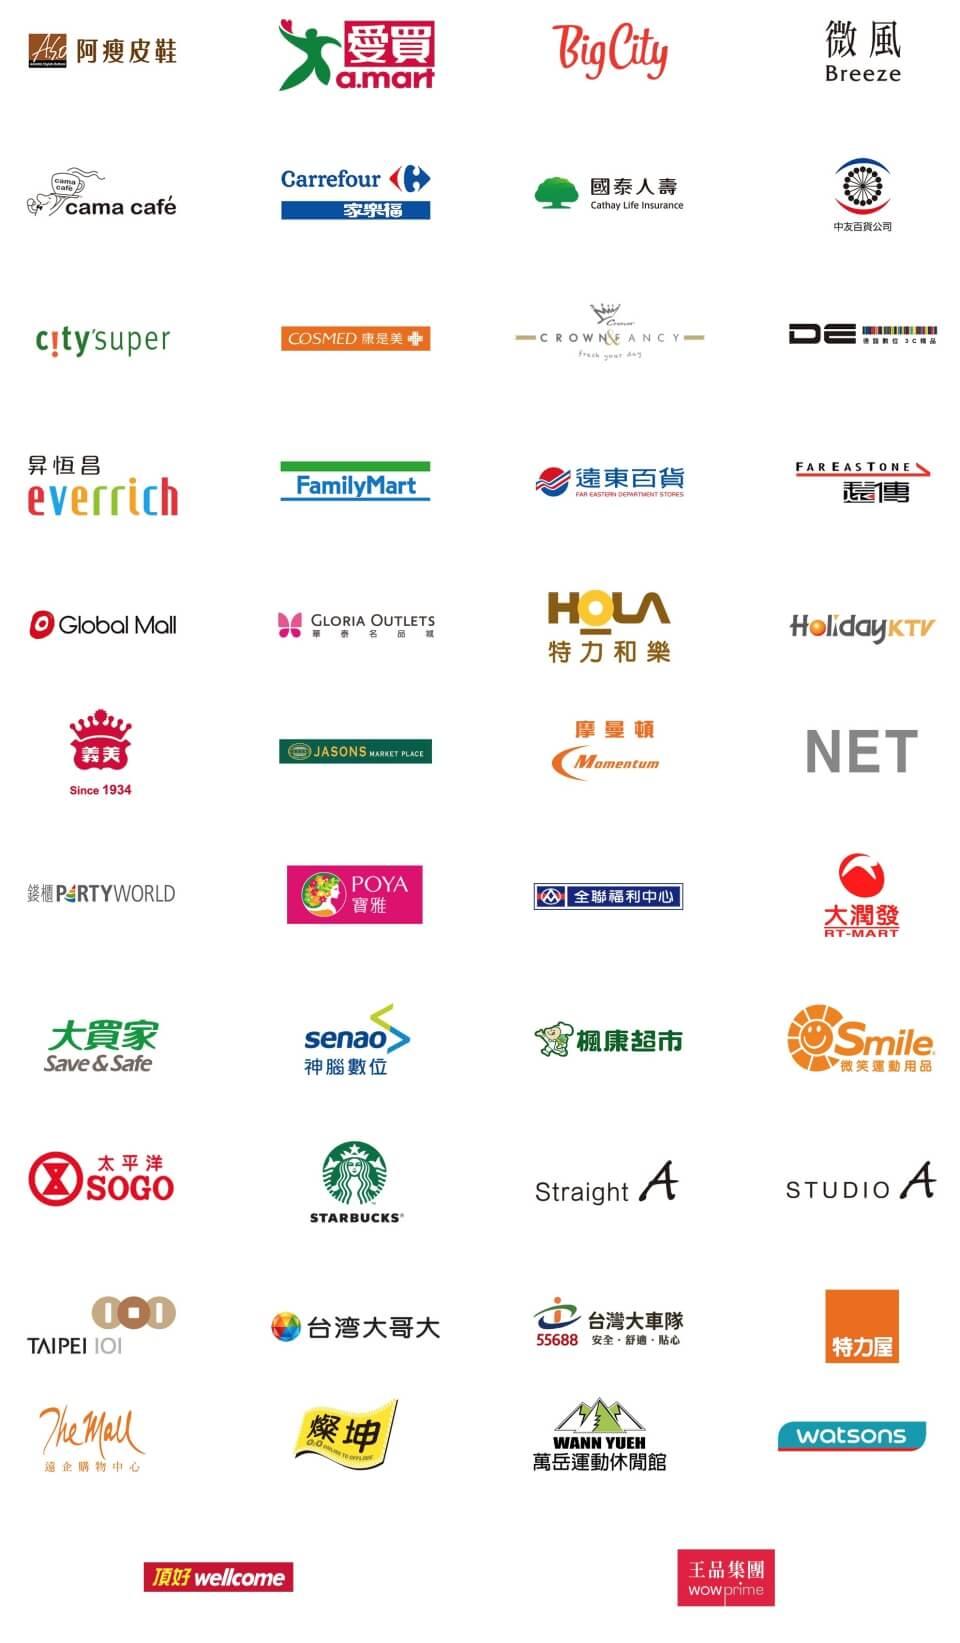 可使用Apple Pay付款消費的台灣精選店家